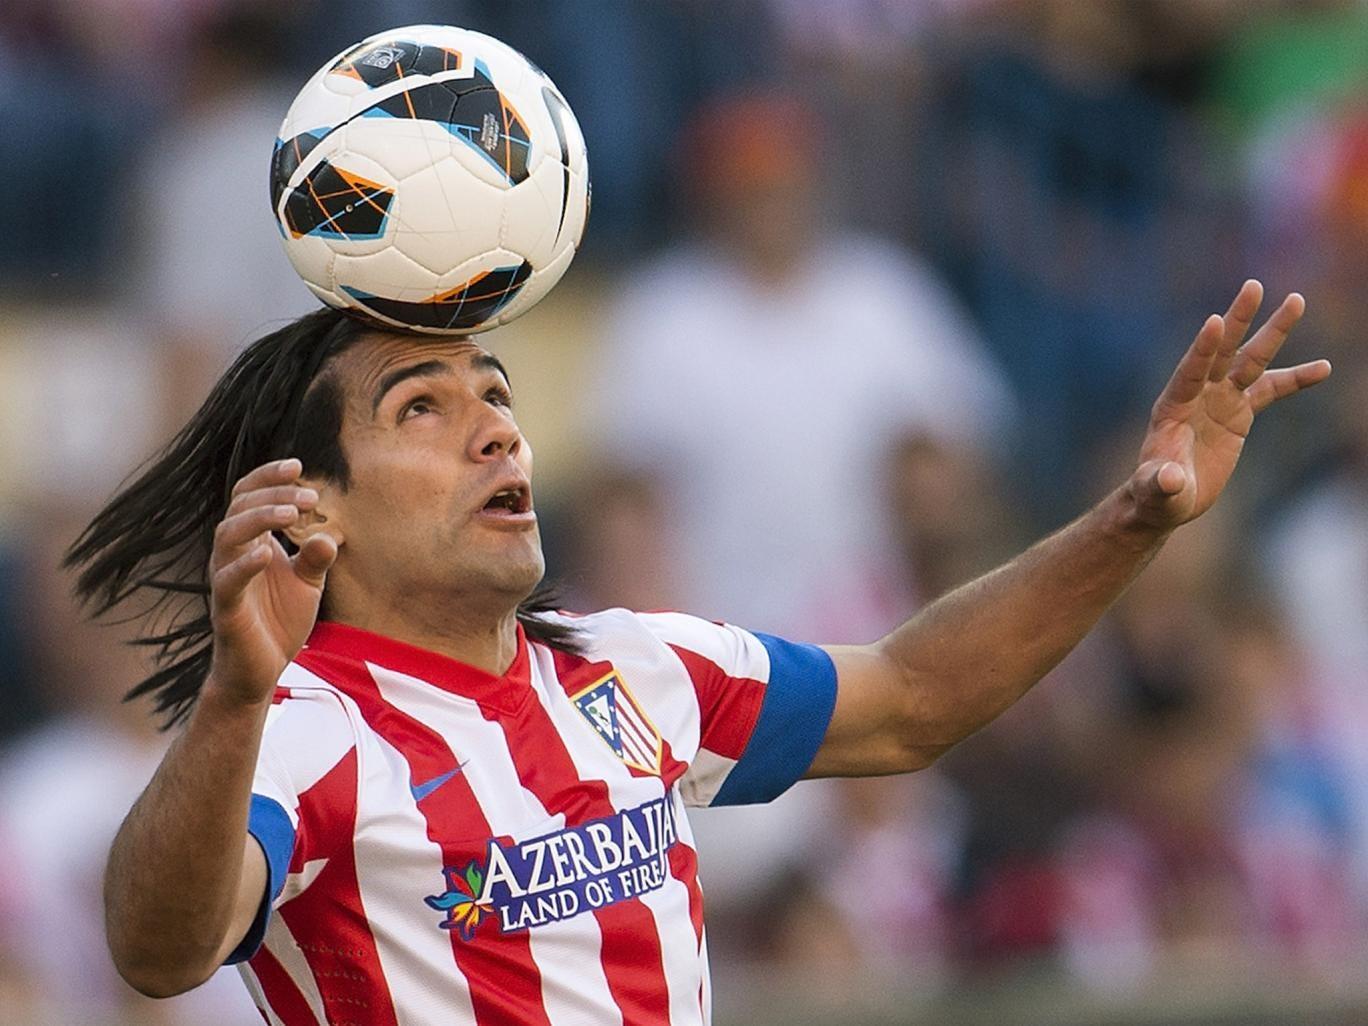 Radamel Falcao is heading to the billionare-backed AS Monaco